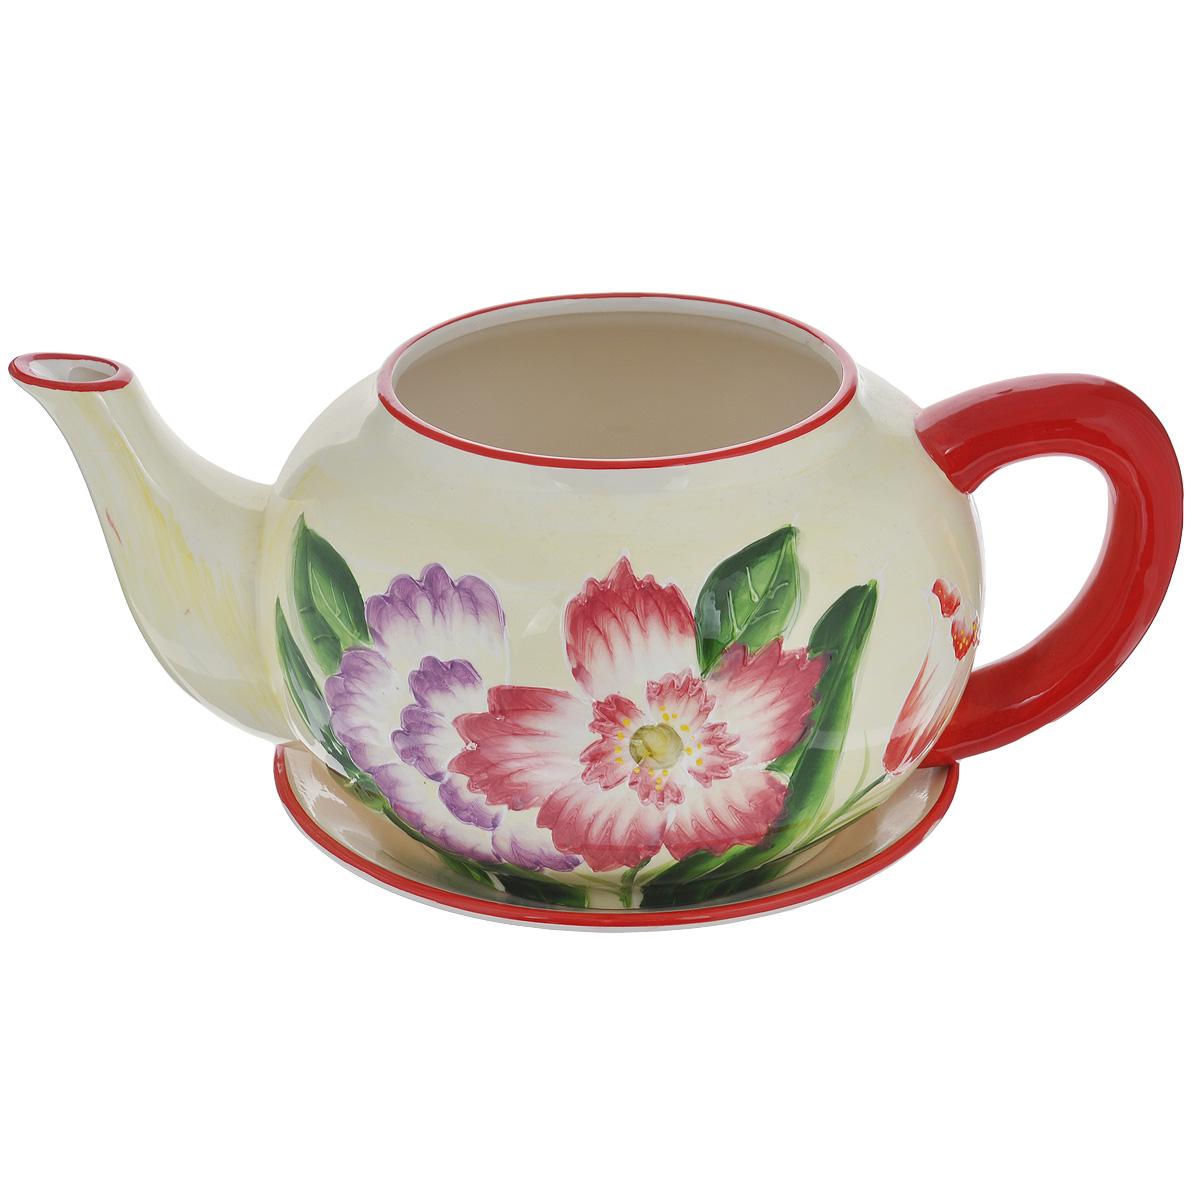 Кашпо Lillo Яркие цветы, с поддоном. XY10S012C787502Кашпо-горшок для цветов Lillo Яркие цветы выполнен из прочной керамики в виде заварочного чайника с блюдцем. Изделие предназначено для цветов.Такие изделия часто становятся последним штрихом, который совершенно изменяет интерьер помещения или ландшафтный дизайн сада. Благодаря такому кашпо вы сможете украсить вашу комнату, офис, сад и другие места. Изделие оснащено специальным поддоном - блюдцем.Диаметр кашпо по верхнему краю: 14,5 см.Высота кашпо (без учета поддона): 16 см.Диаметр поддона: 23 см.